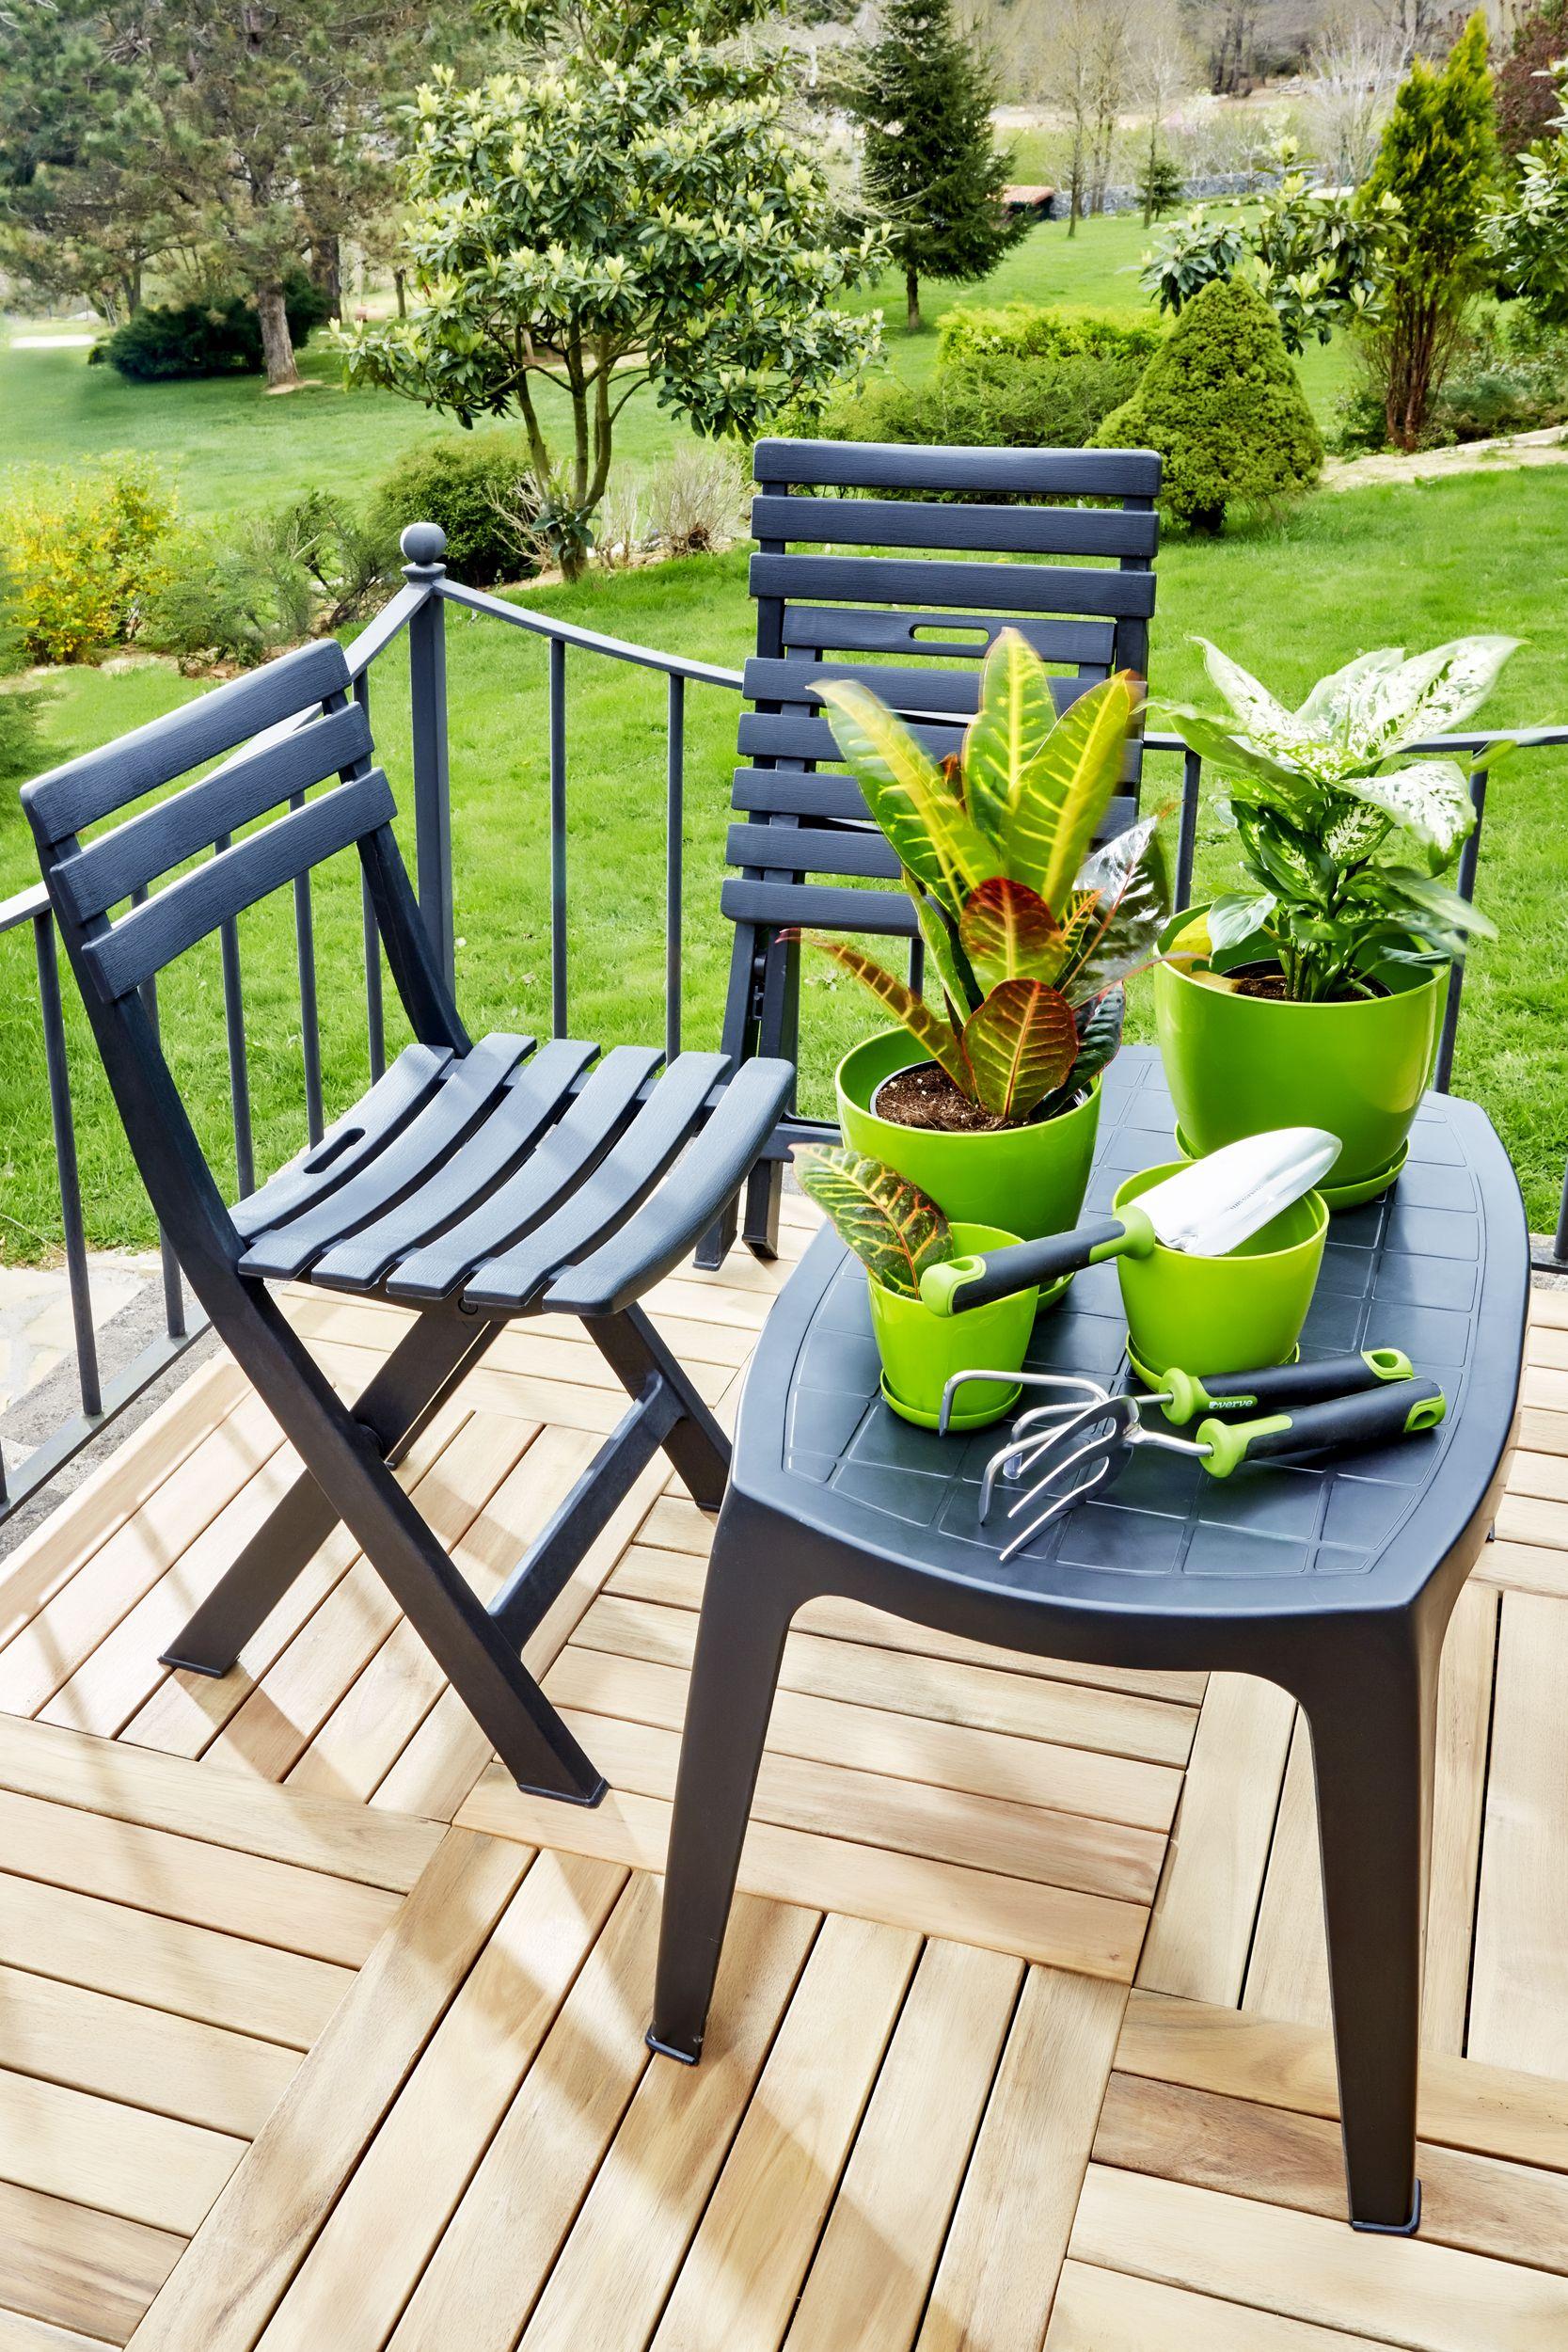 Bahce Koctas Set Garden Koltuk Sandalye Yesil Keyif Cicek